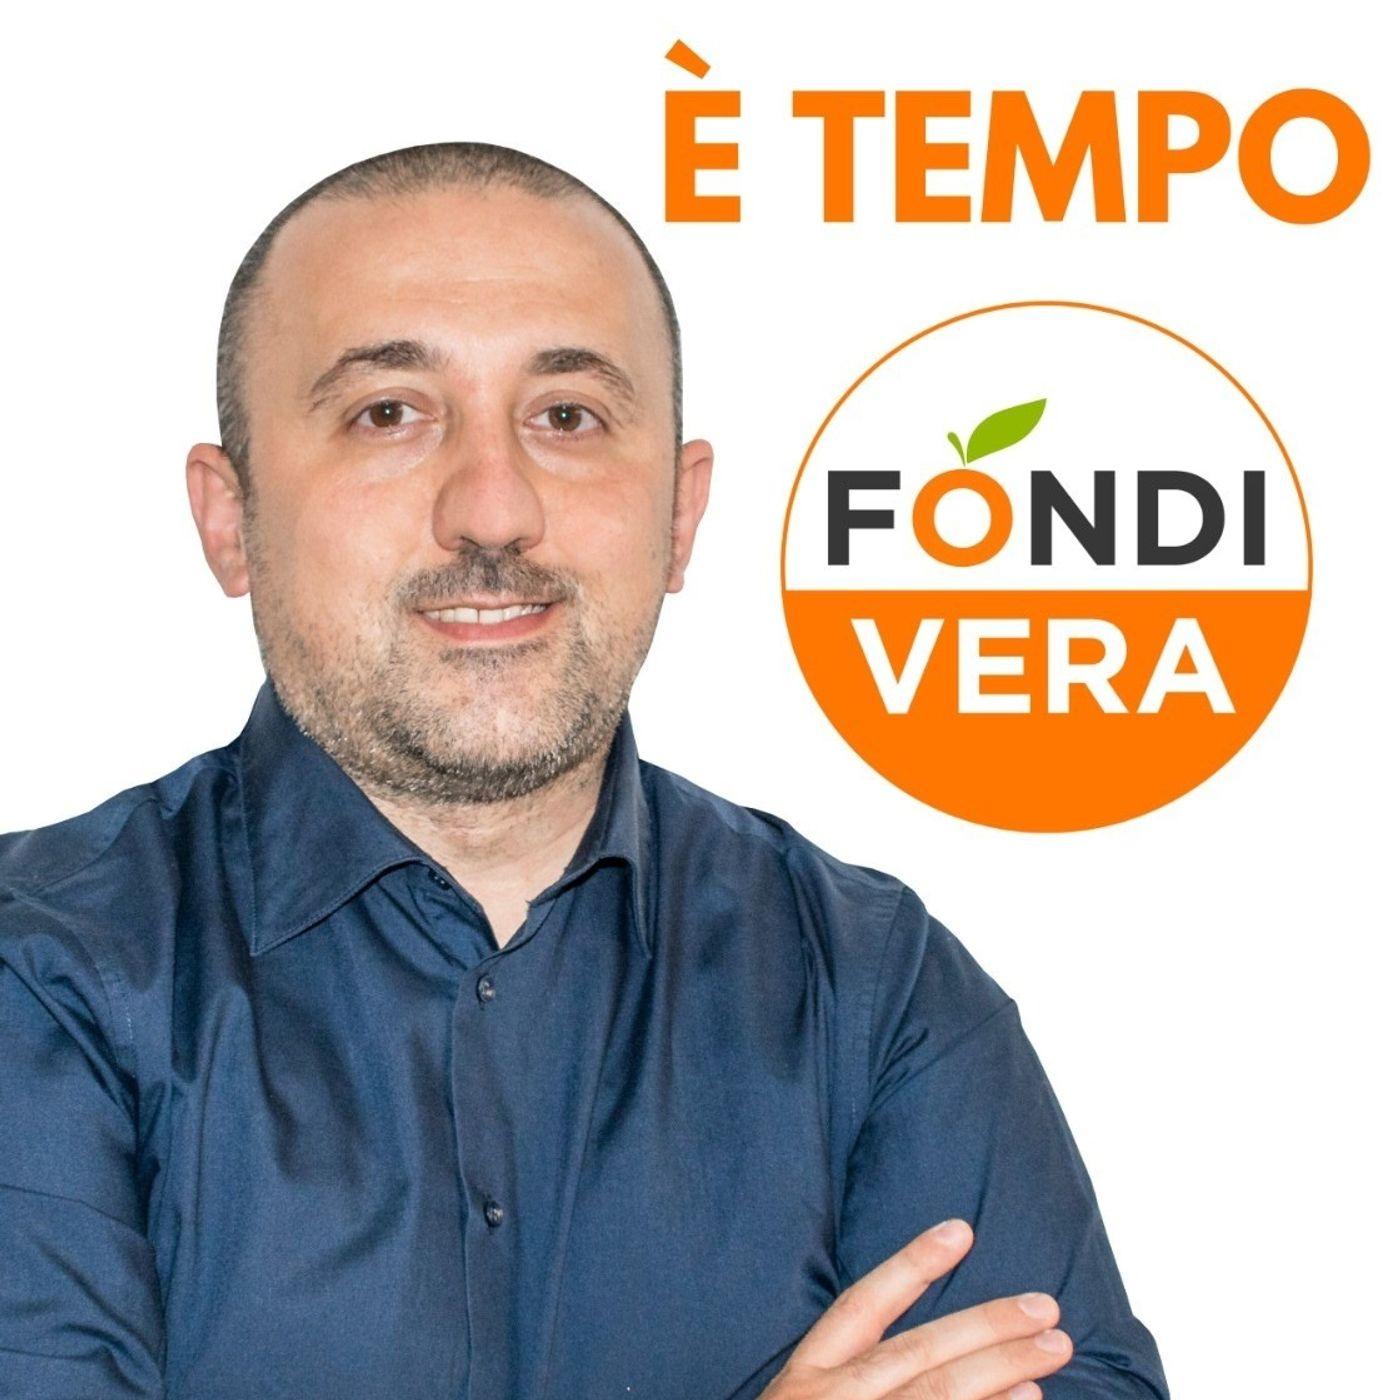 Elezioni Fondi 2020 - L'appello di Francesco Ciccone